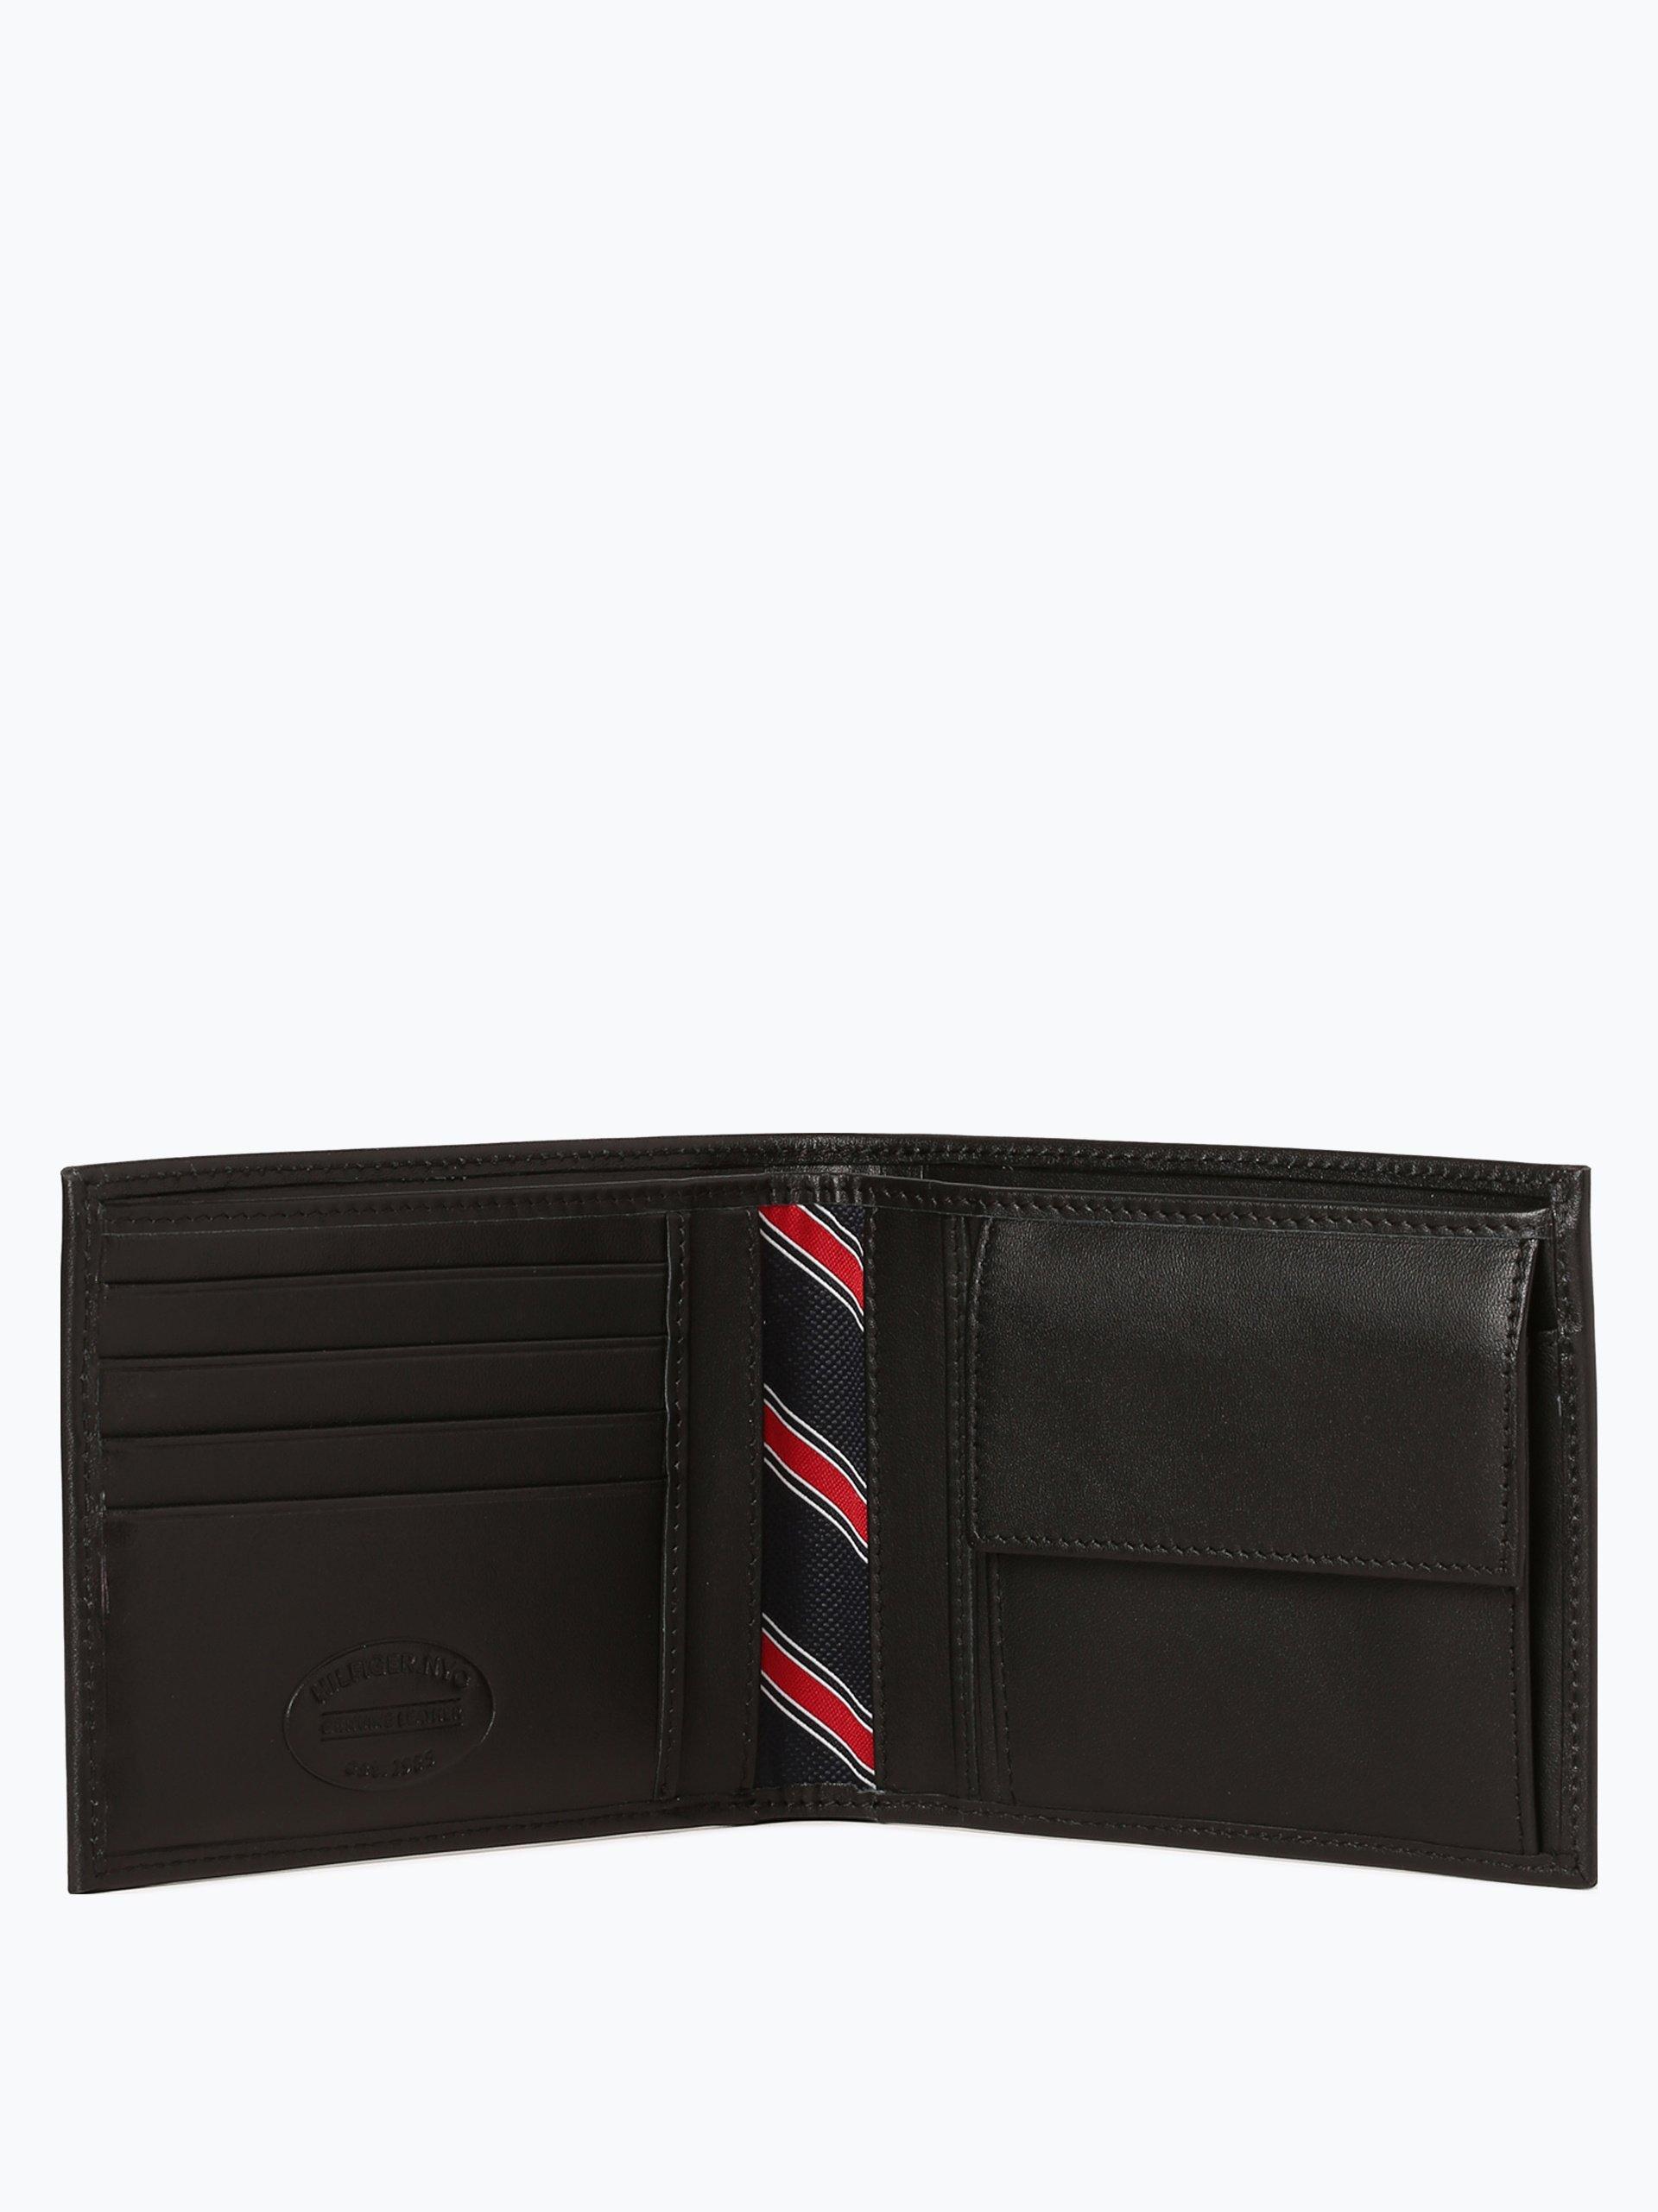 Tommy Hilfiger Herren Geldbörse aus Leder